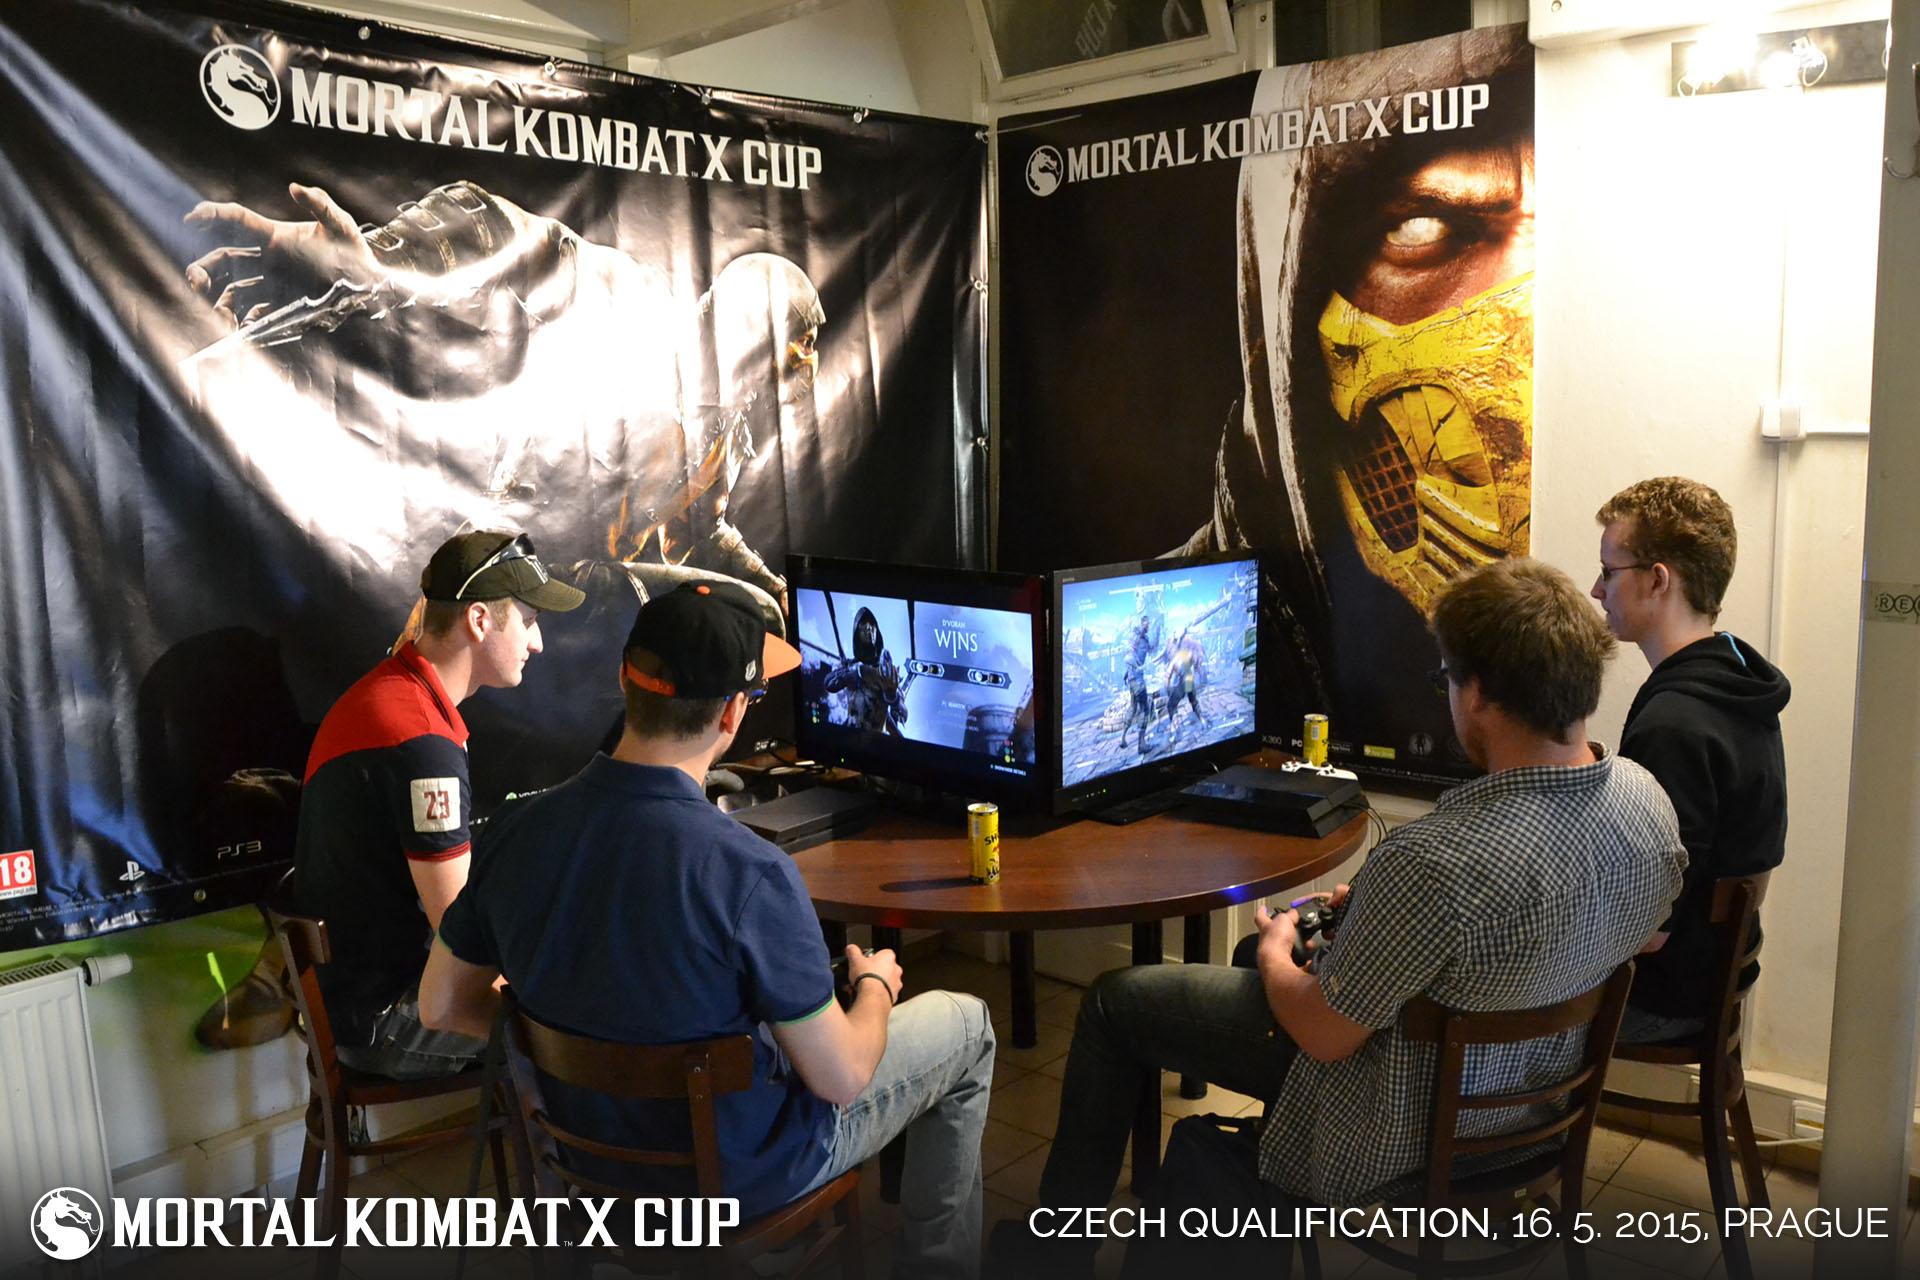 Česká kvalifikace na Mortal Kombat X Cup zná vítěze! 109157